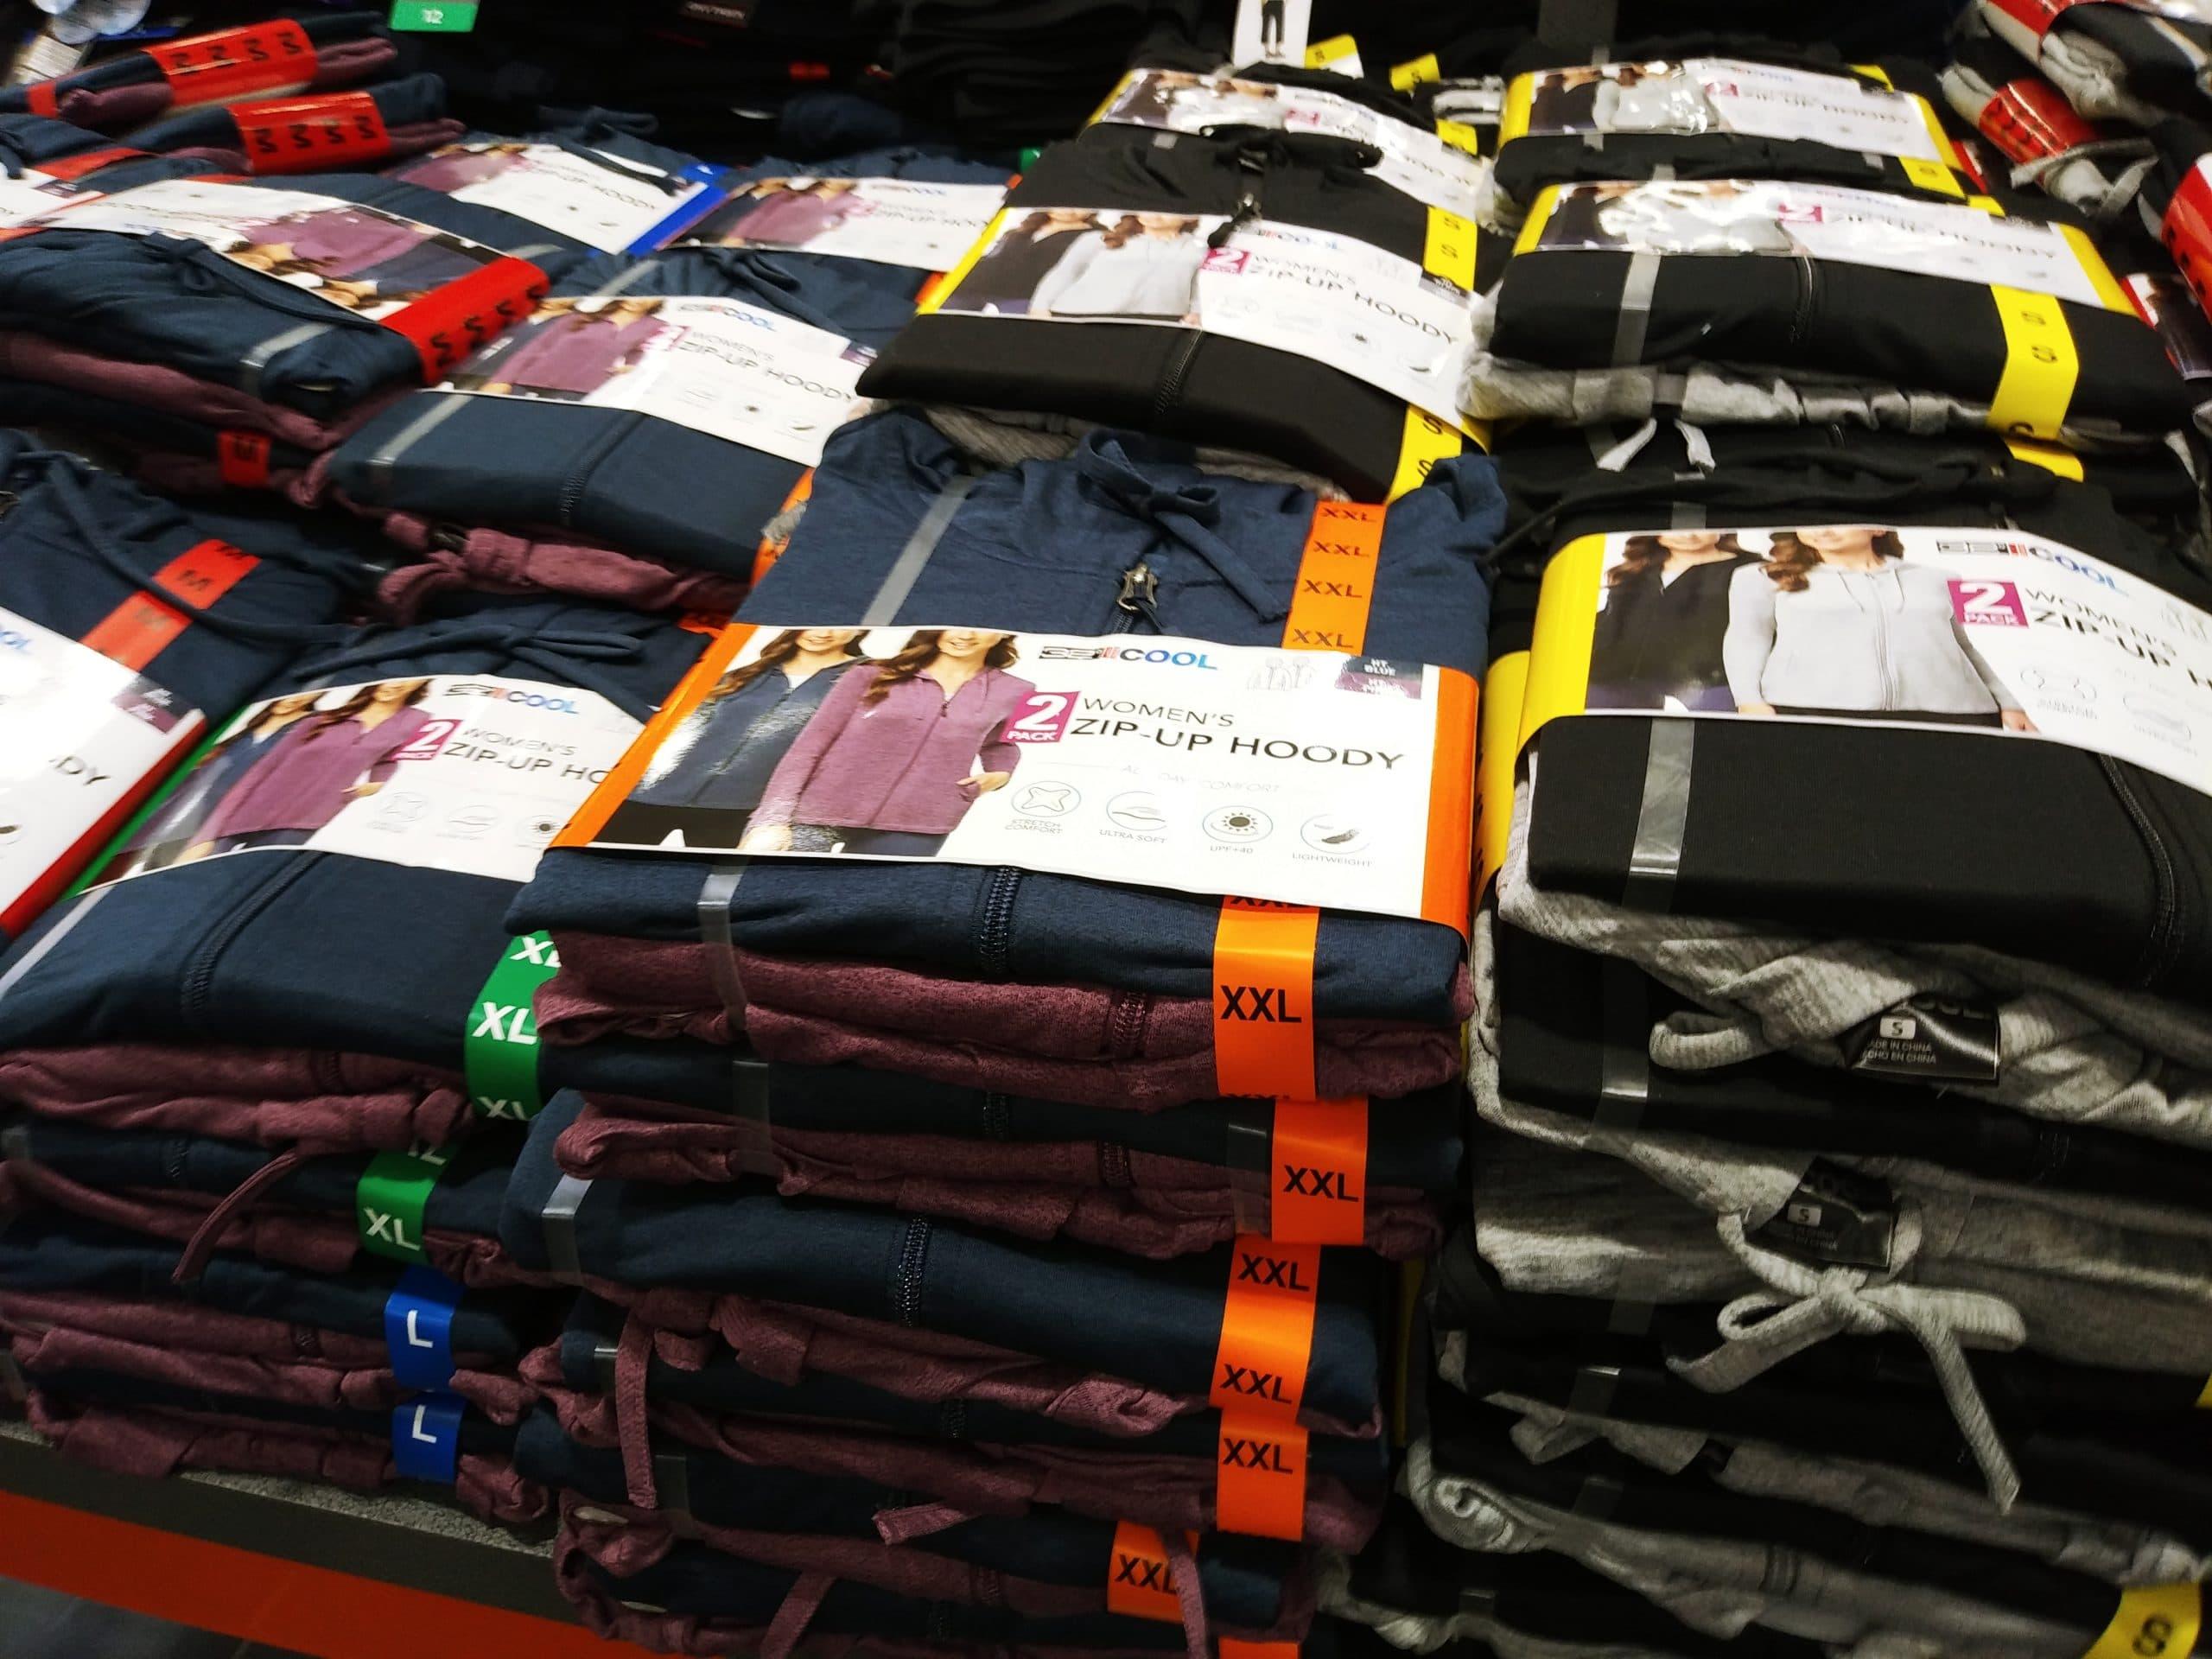 BeCool 2pk Women's Zip Up Hoody $14.99